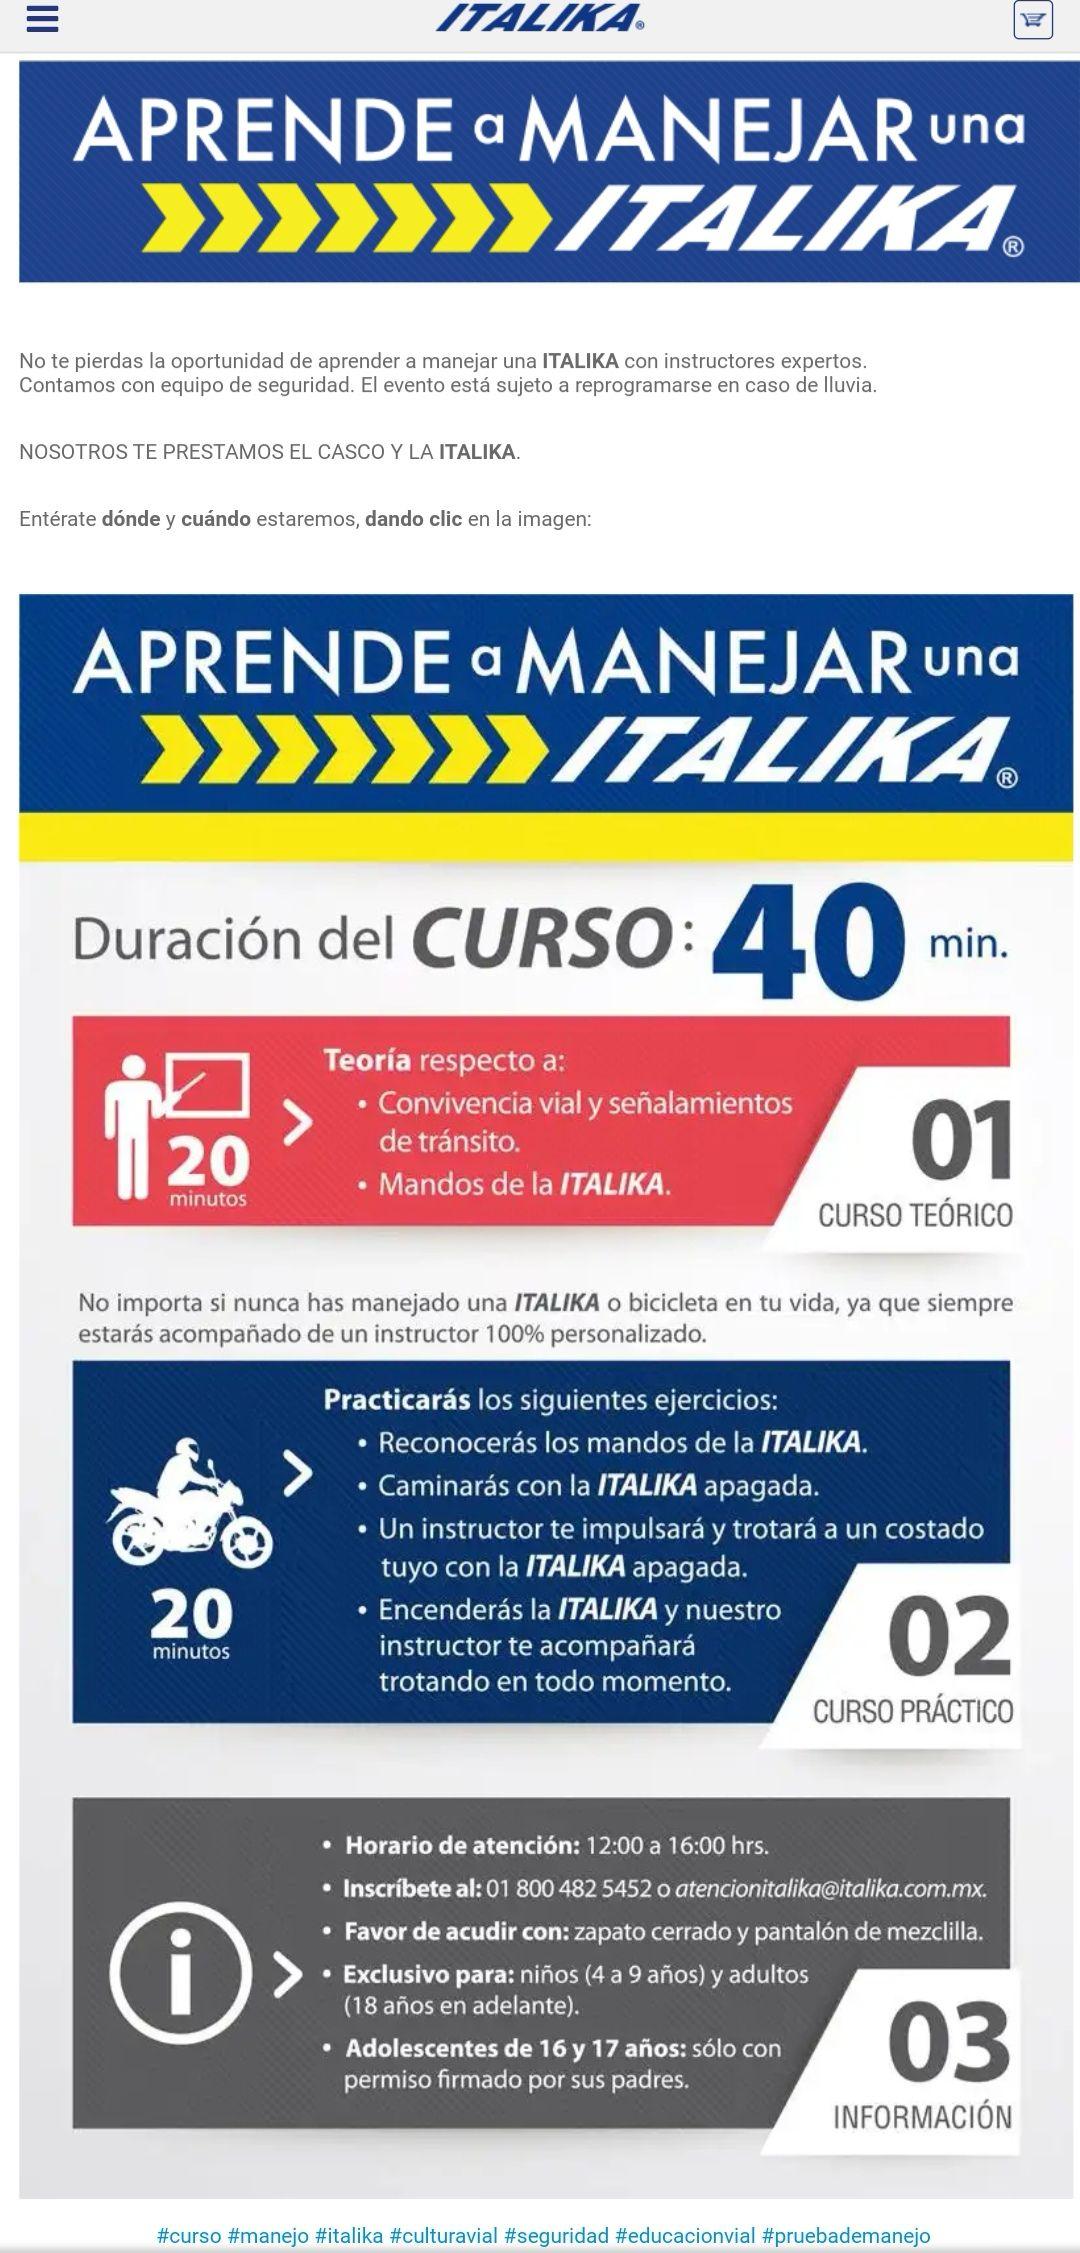 Curso manejo de motocicleta Italika